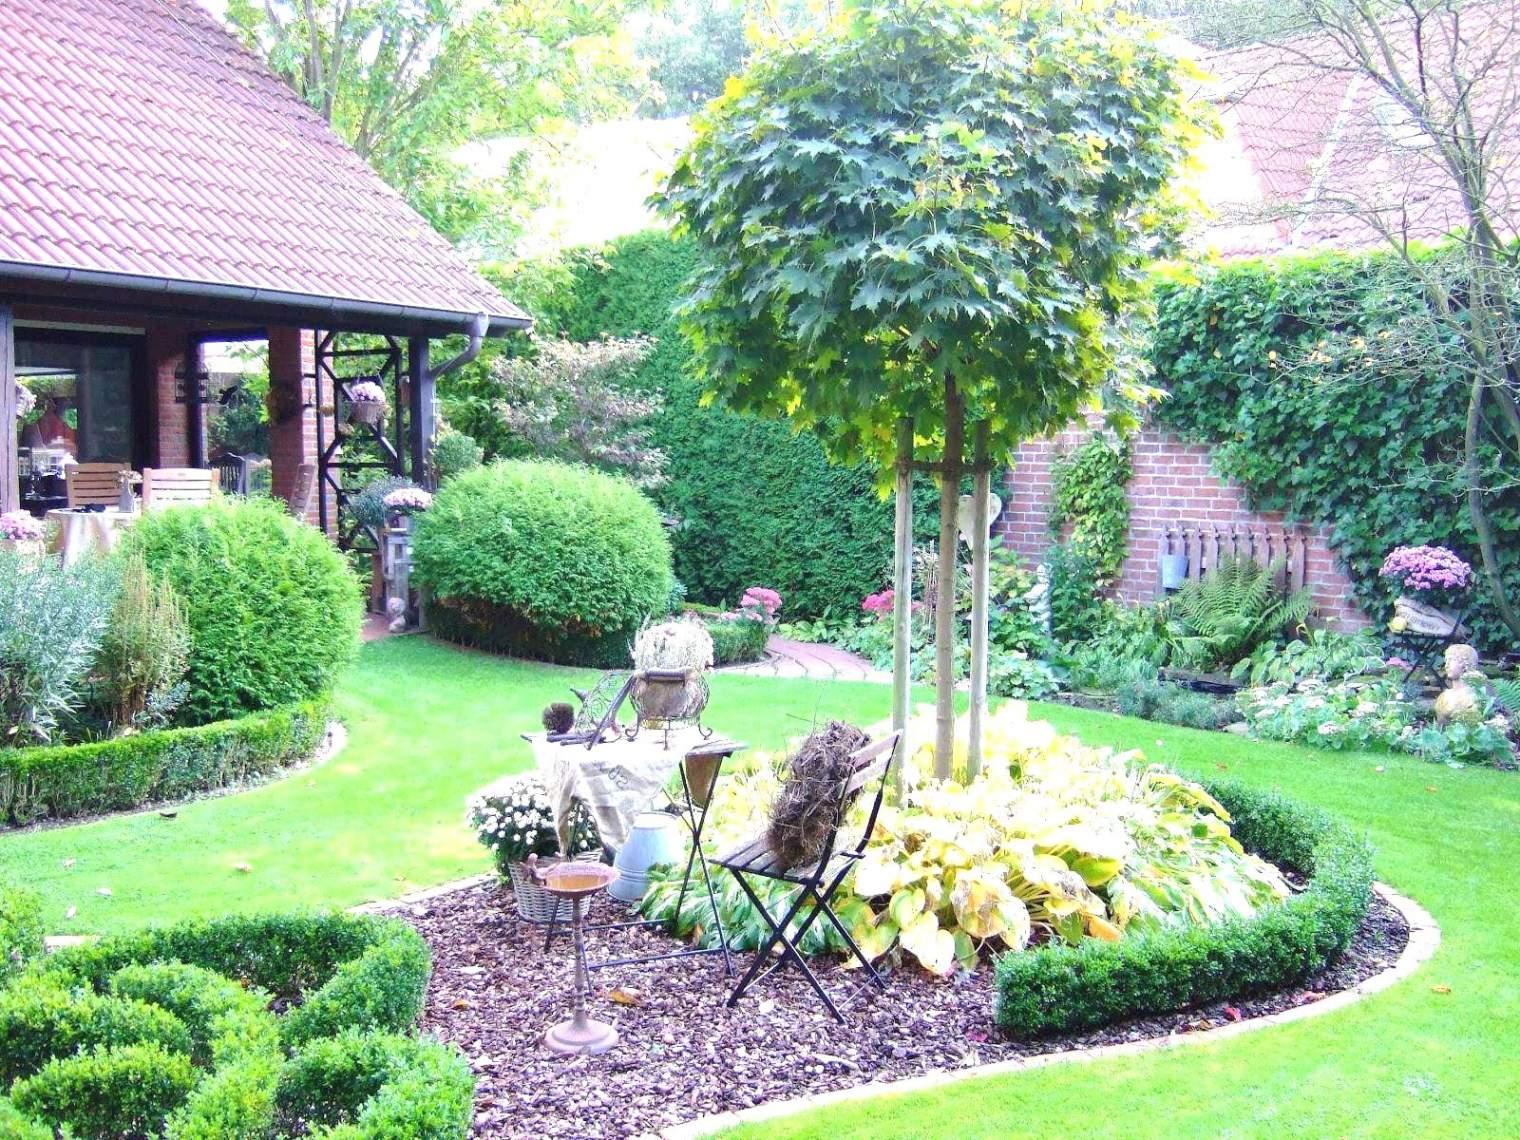 Mein Garten Das Beste Von Garten Gestalten Ideen — Temobardz Home Blog